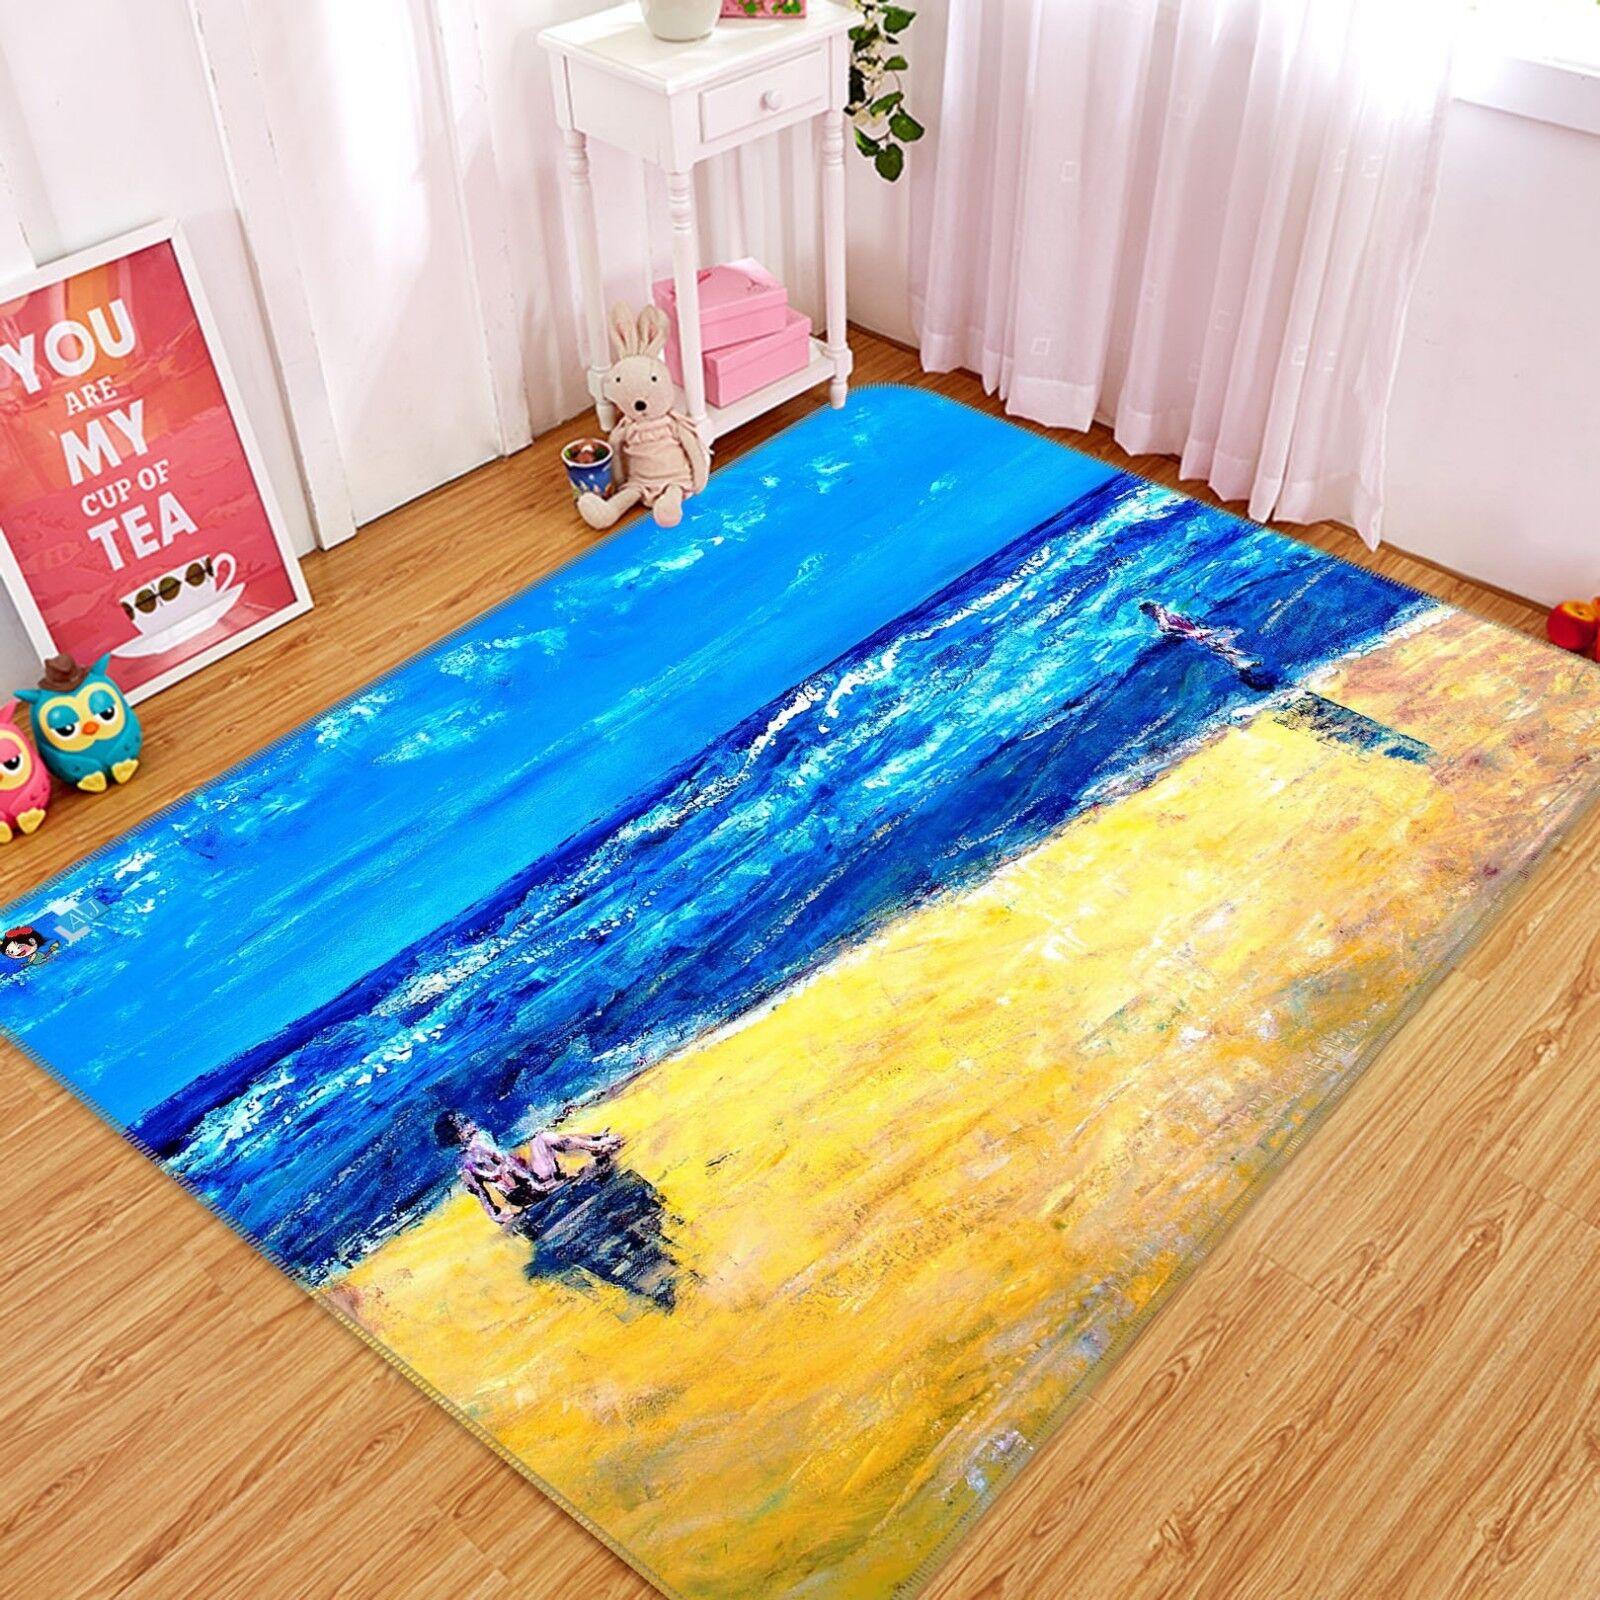 3D Paintings Waves 898 Non Slip Slip Slip Rug Mat Room Mat Quality Elegant Photo Carpet US db2132